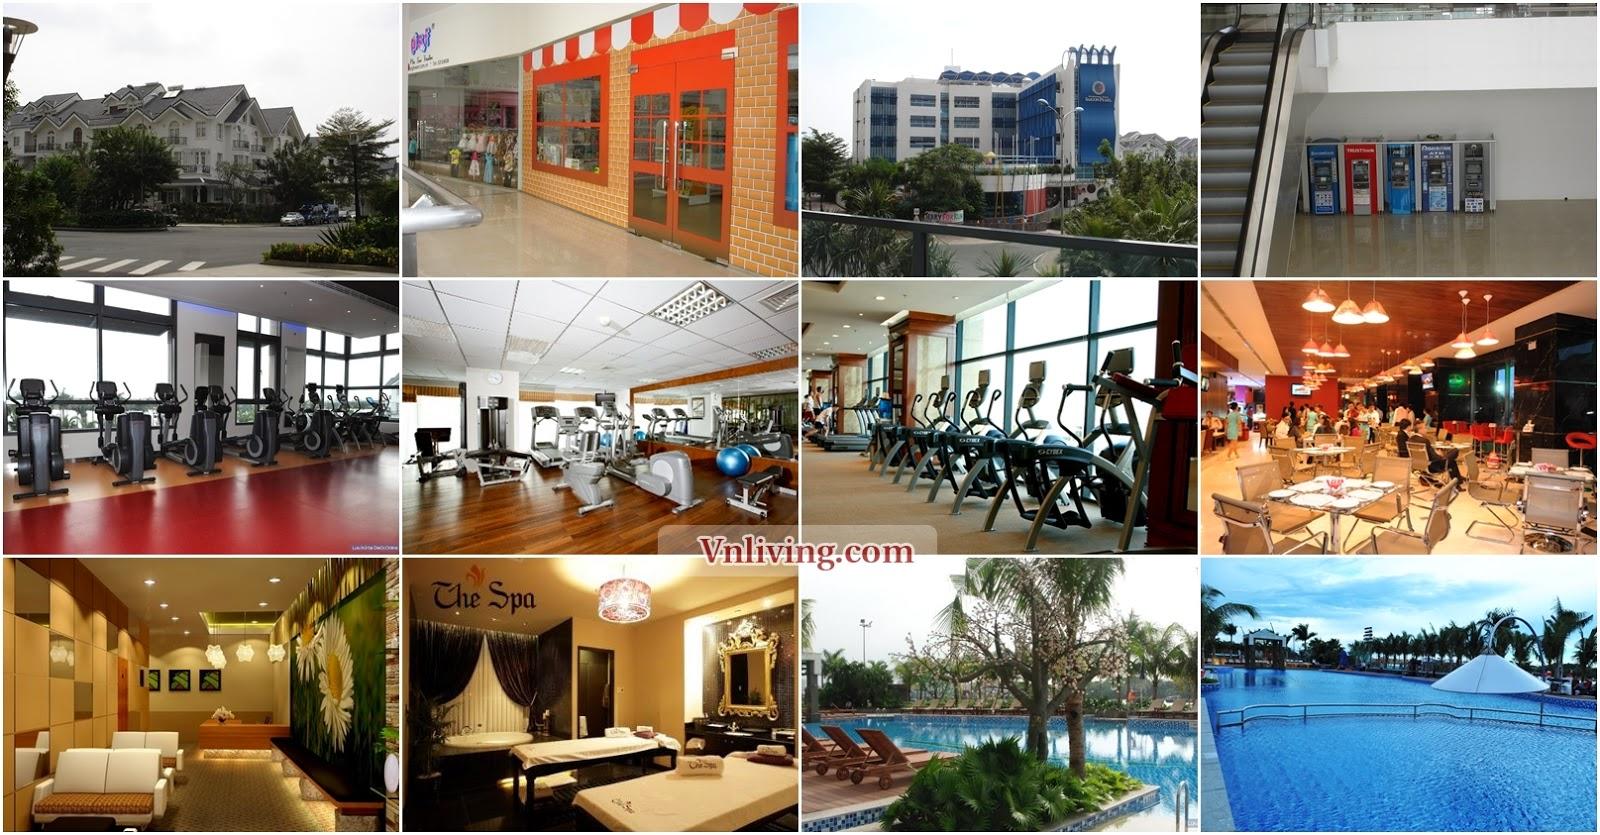 Saigon Pearl facilities at Binh Thanh Dist